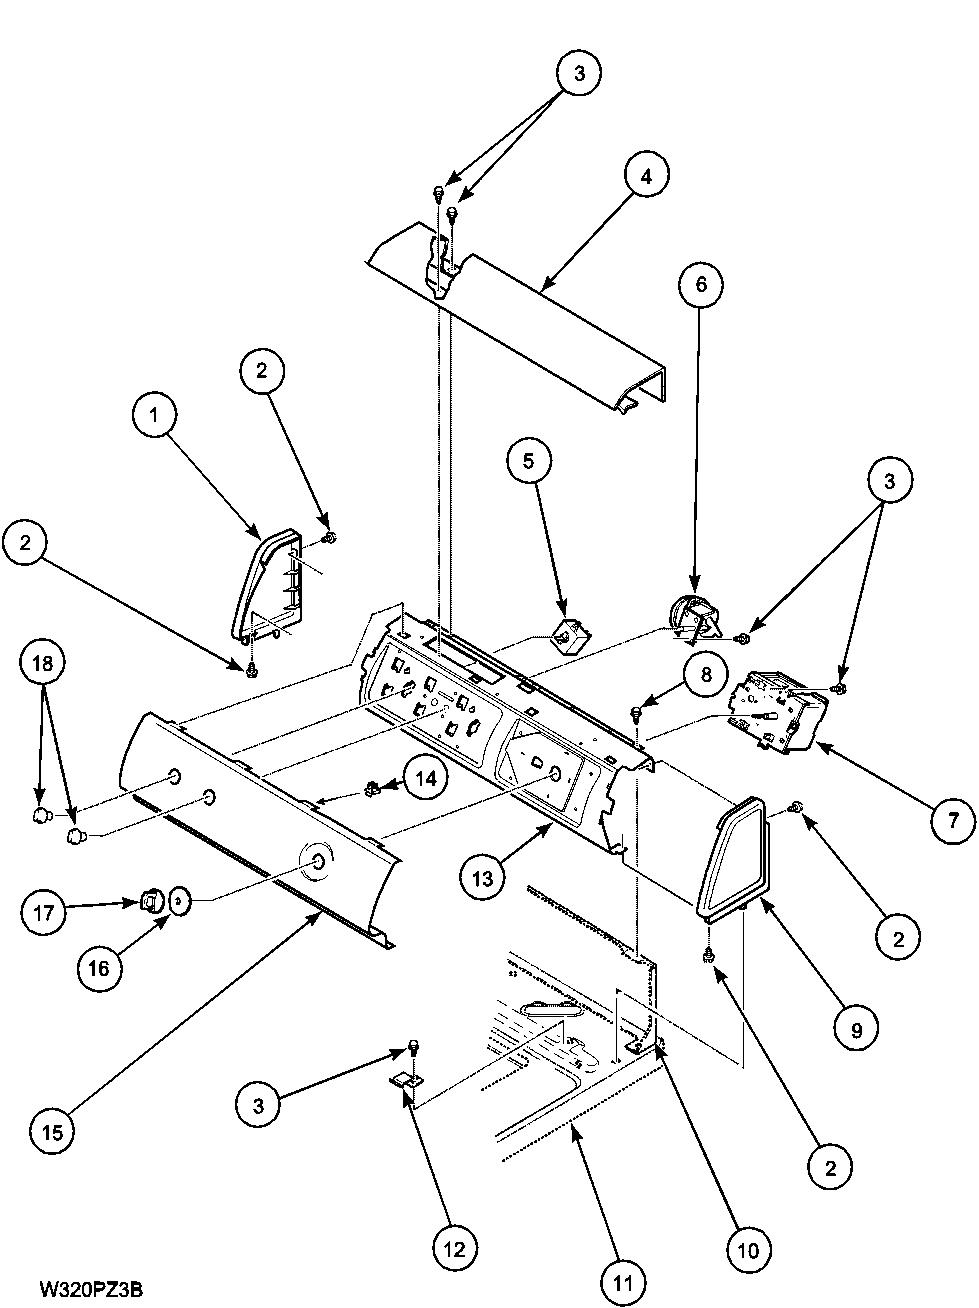 Amana amana washer top loading parts model lwa40al2plwa40al2 sears partsdirect